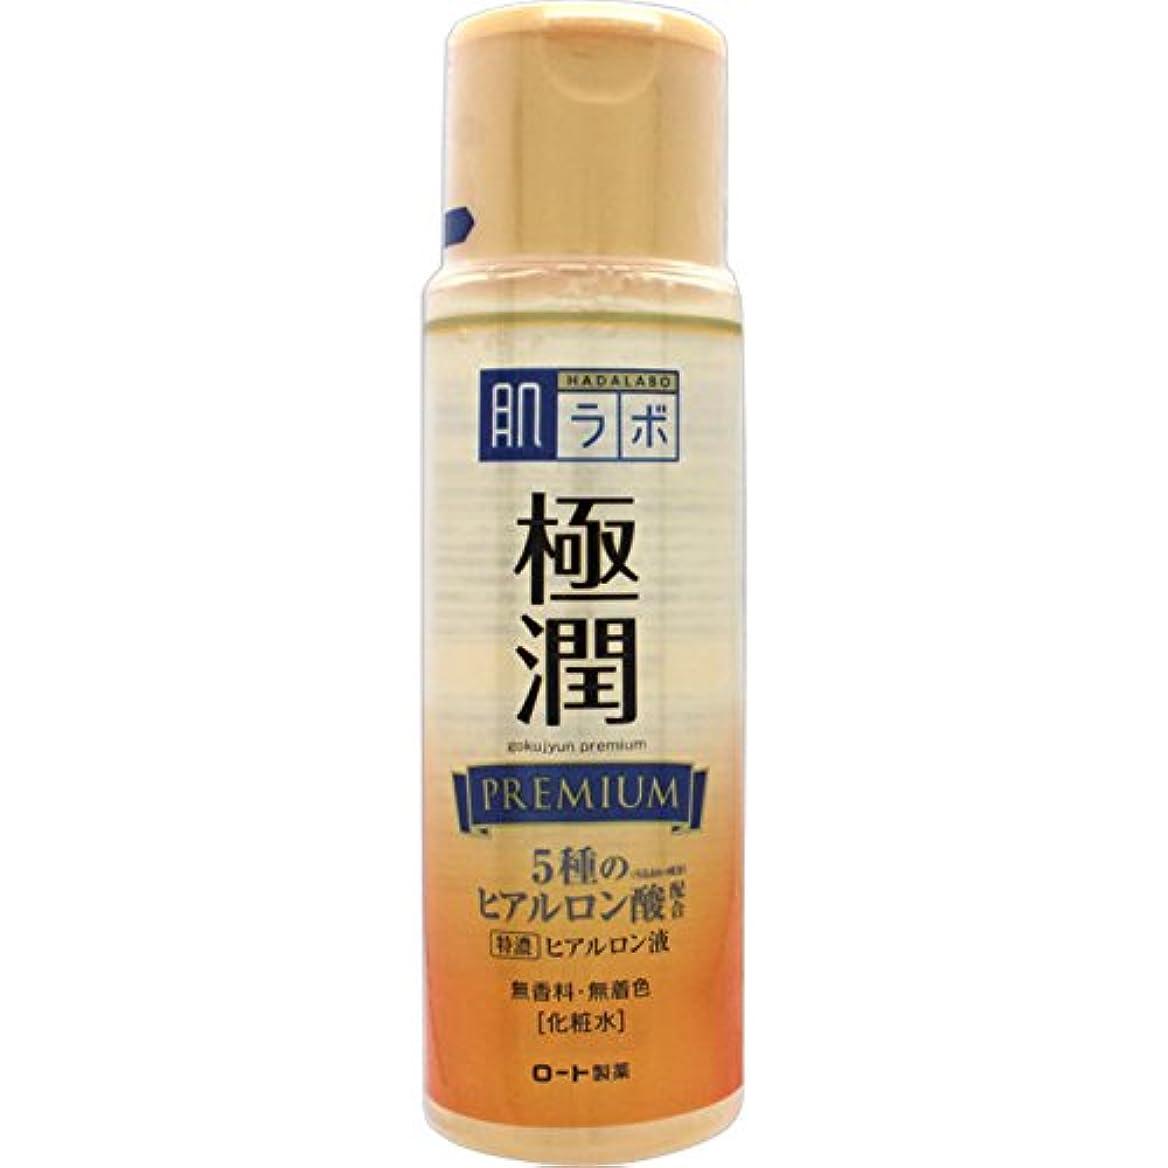 突然のライトニング砂漠肌ラボ 極潤プレミアム 特濃ヒアルロン酸 化粧水 ヒアルロン酸5種類×サクラン配合 170mL